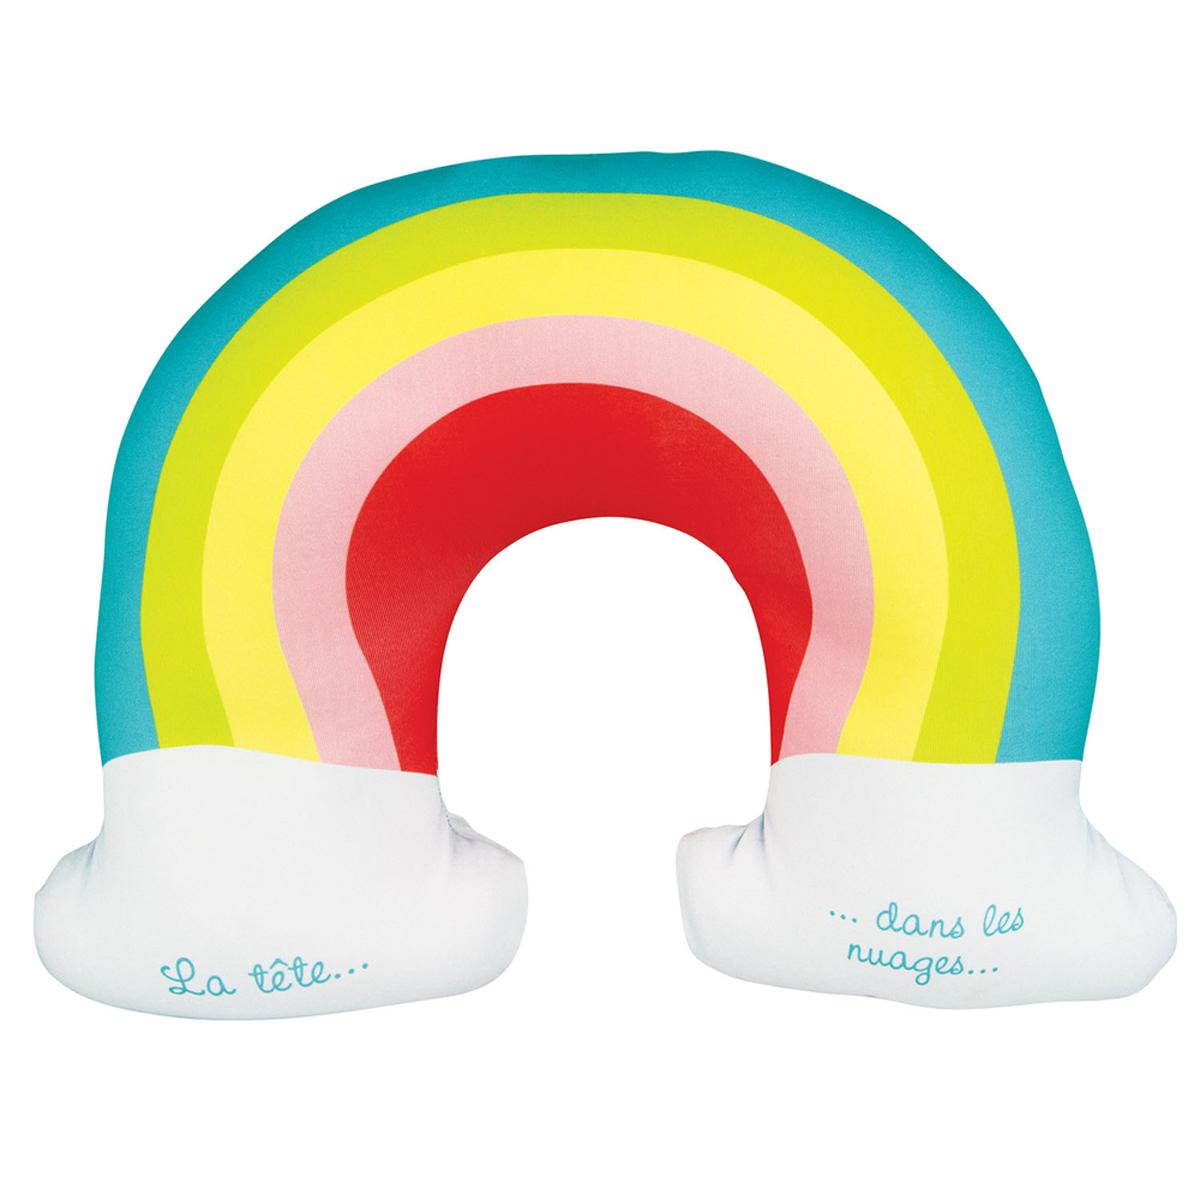 Coussin de nuque / oreiller de voyage \'Arc en ciel\' multicolore (la tête dans les nuages) - 28x26 cm - [A1826]